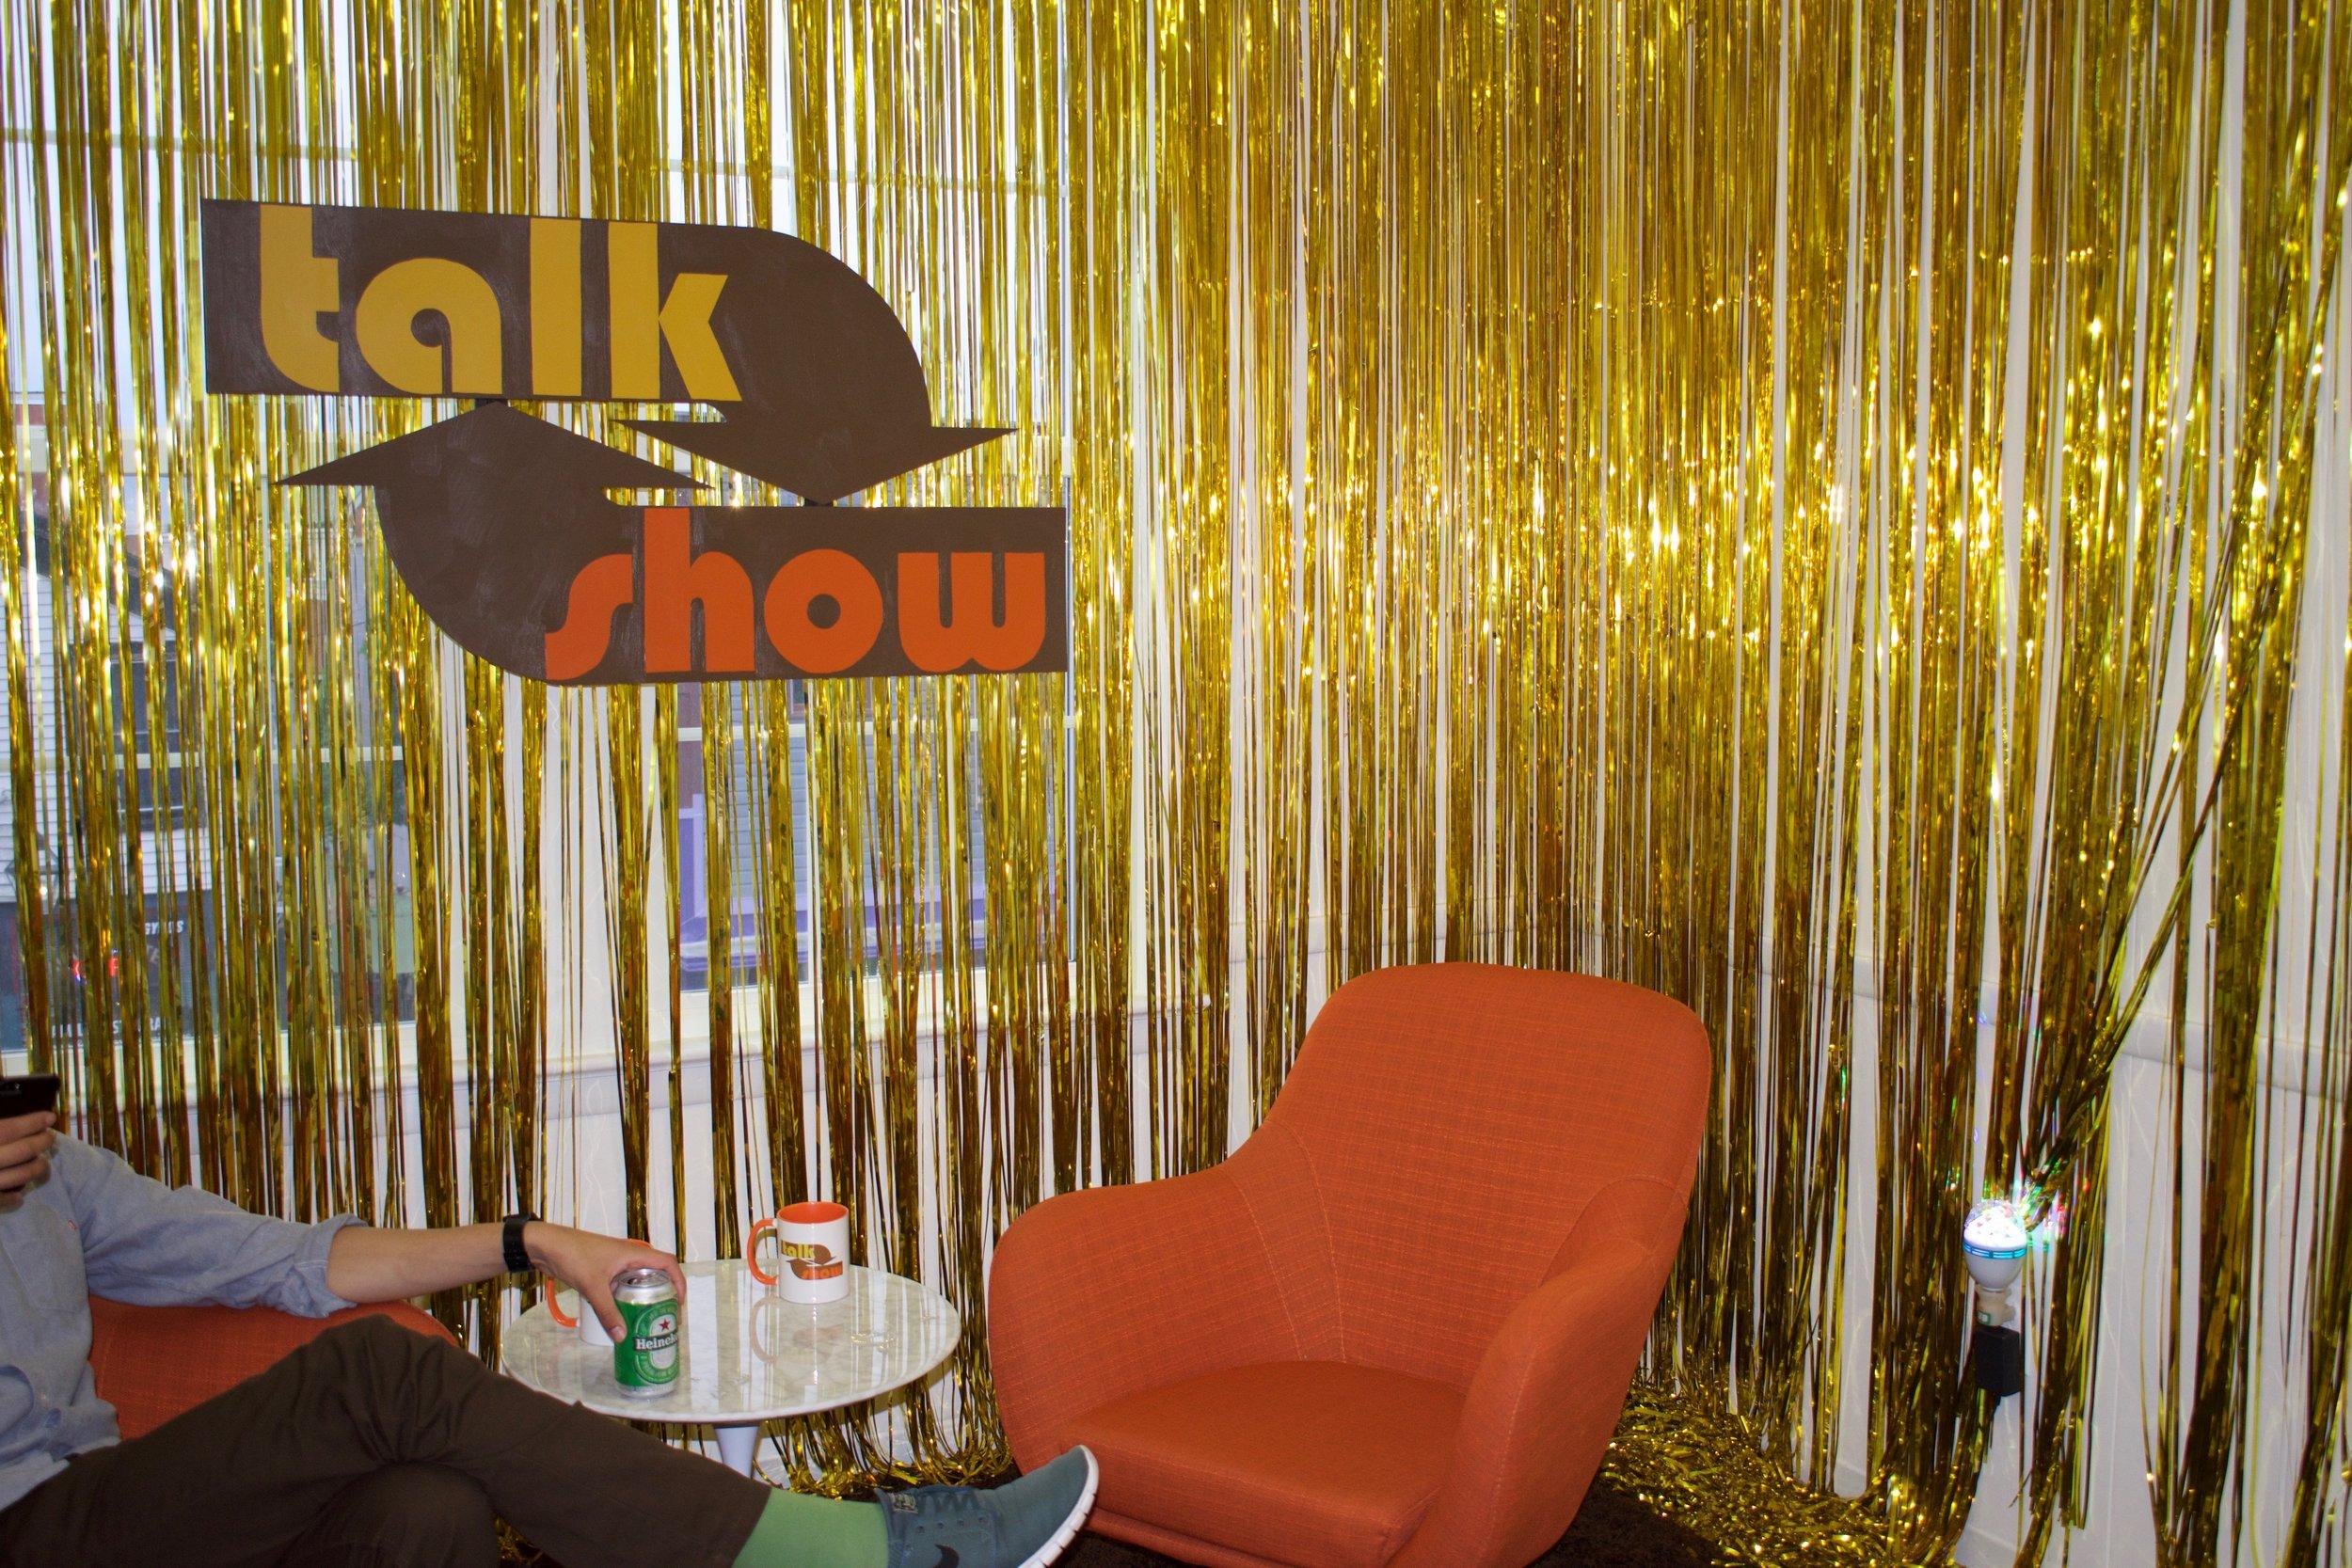 Talk Show Olly Olly Fairfax VA